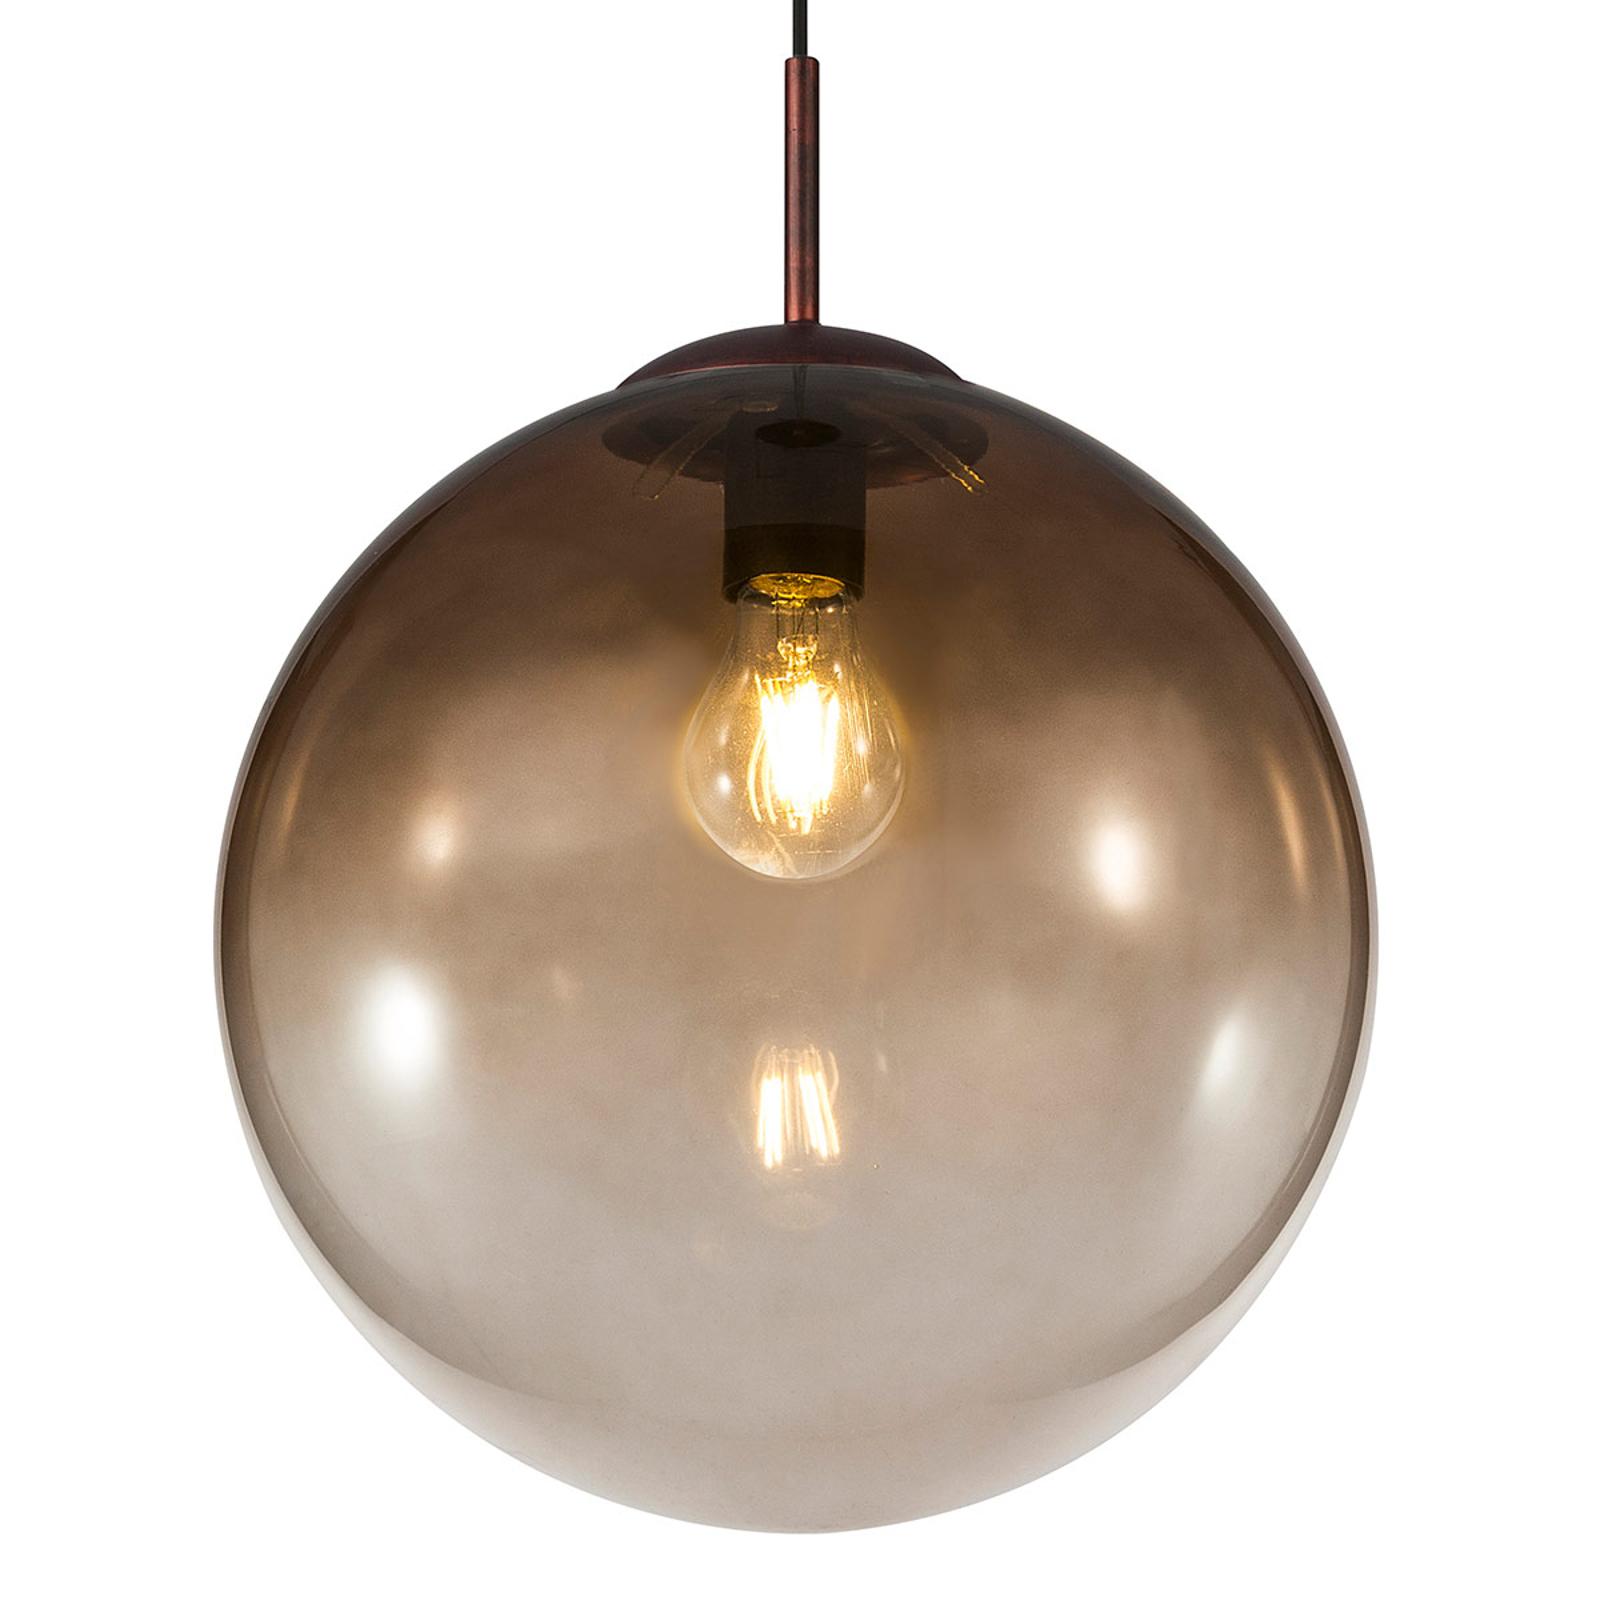 Lampada a sospensione di vetro Varus ambra Ø 33 cm